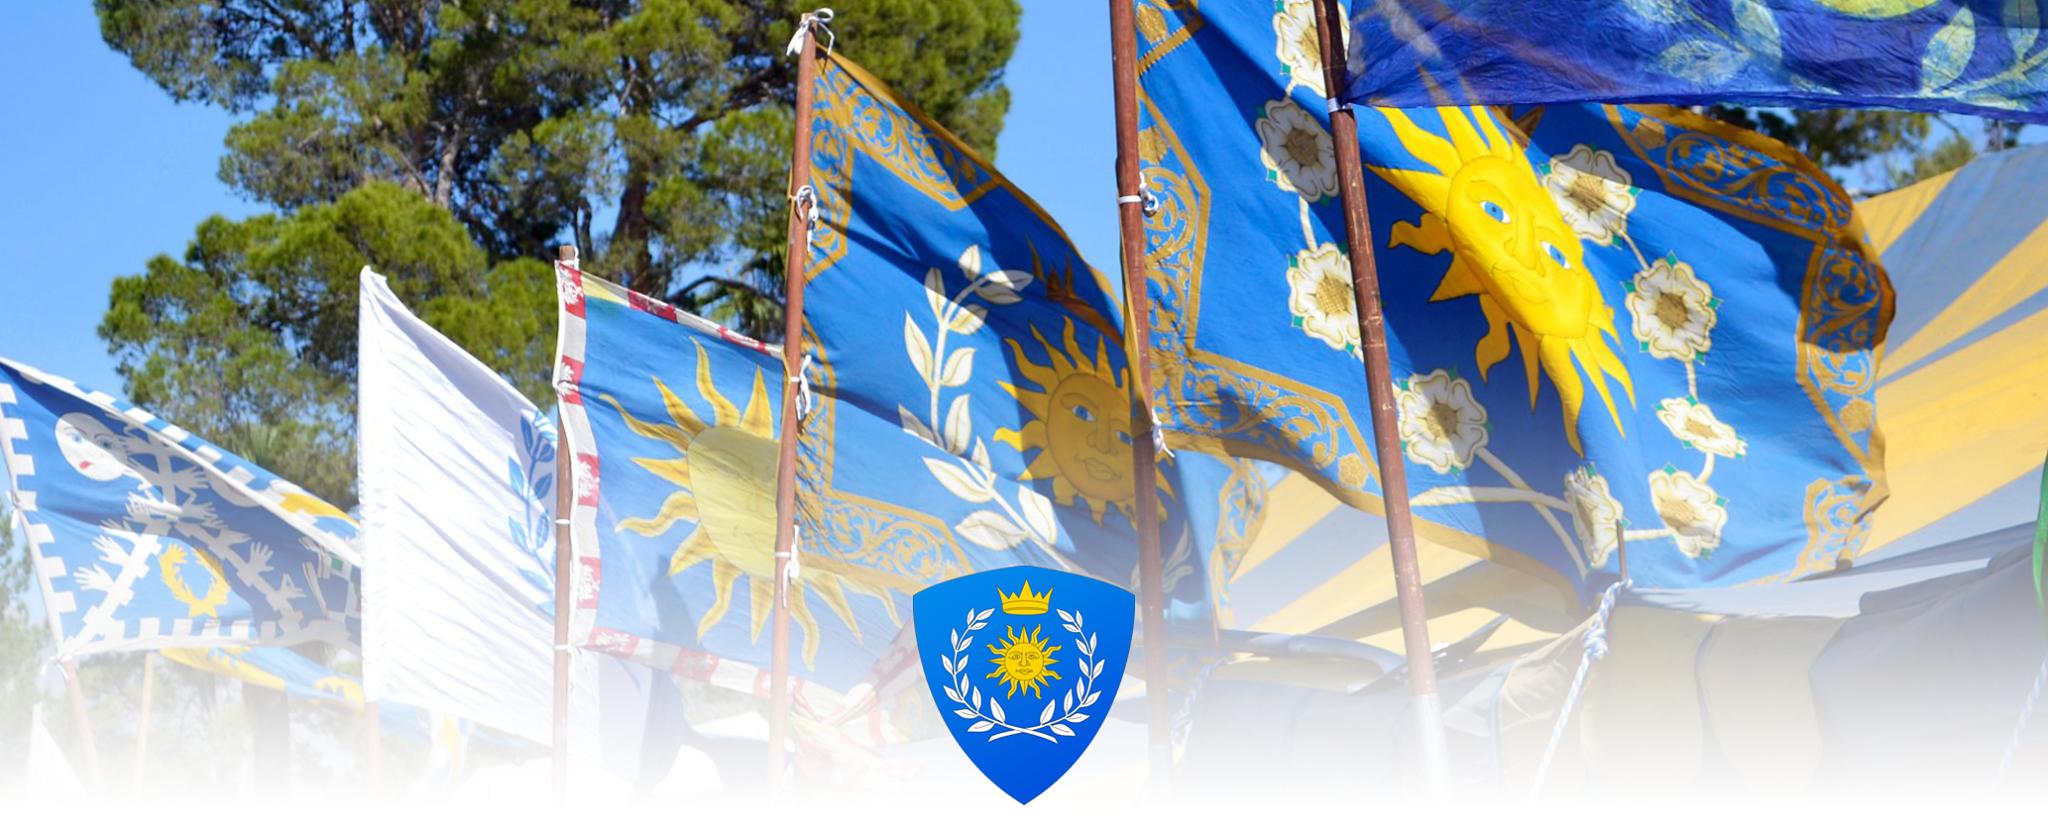 Atenveldt Banner